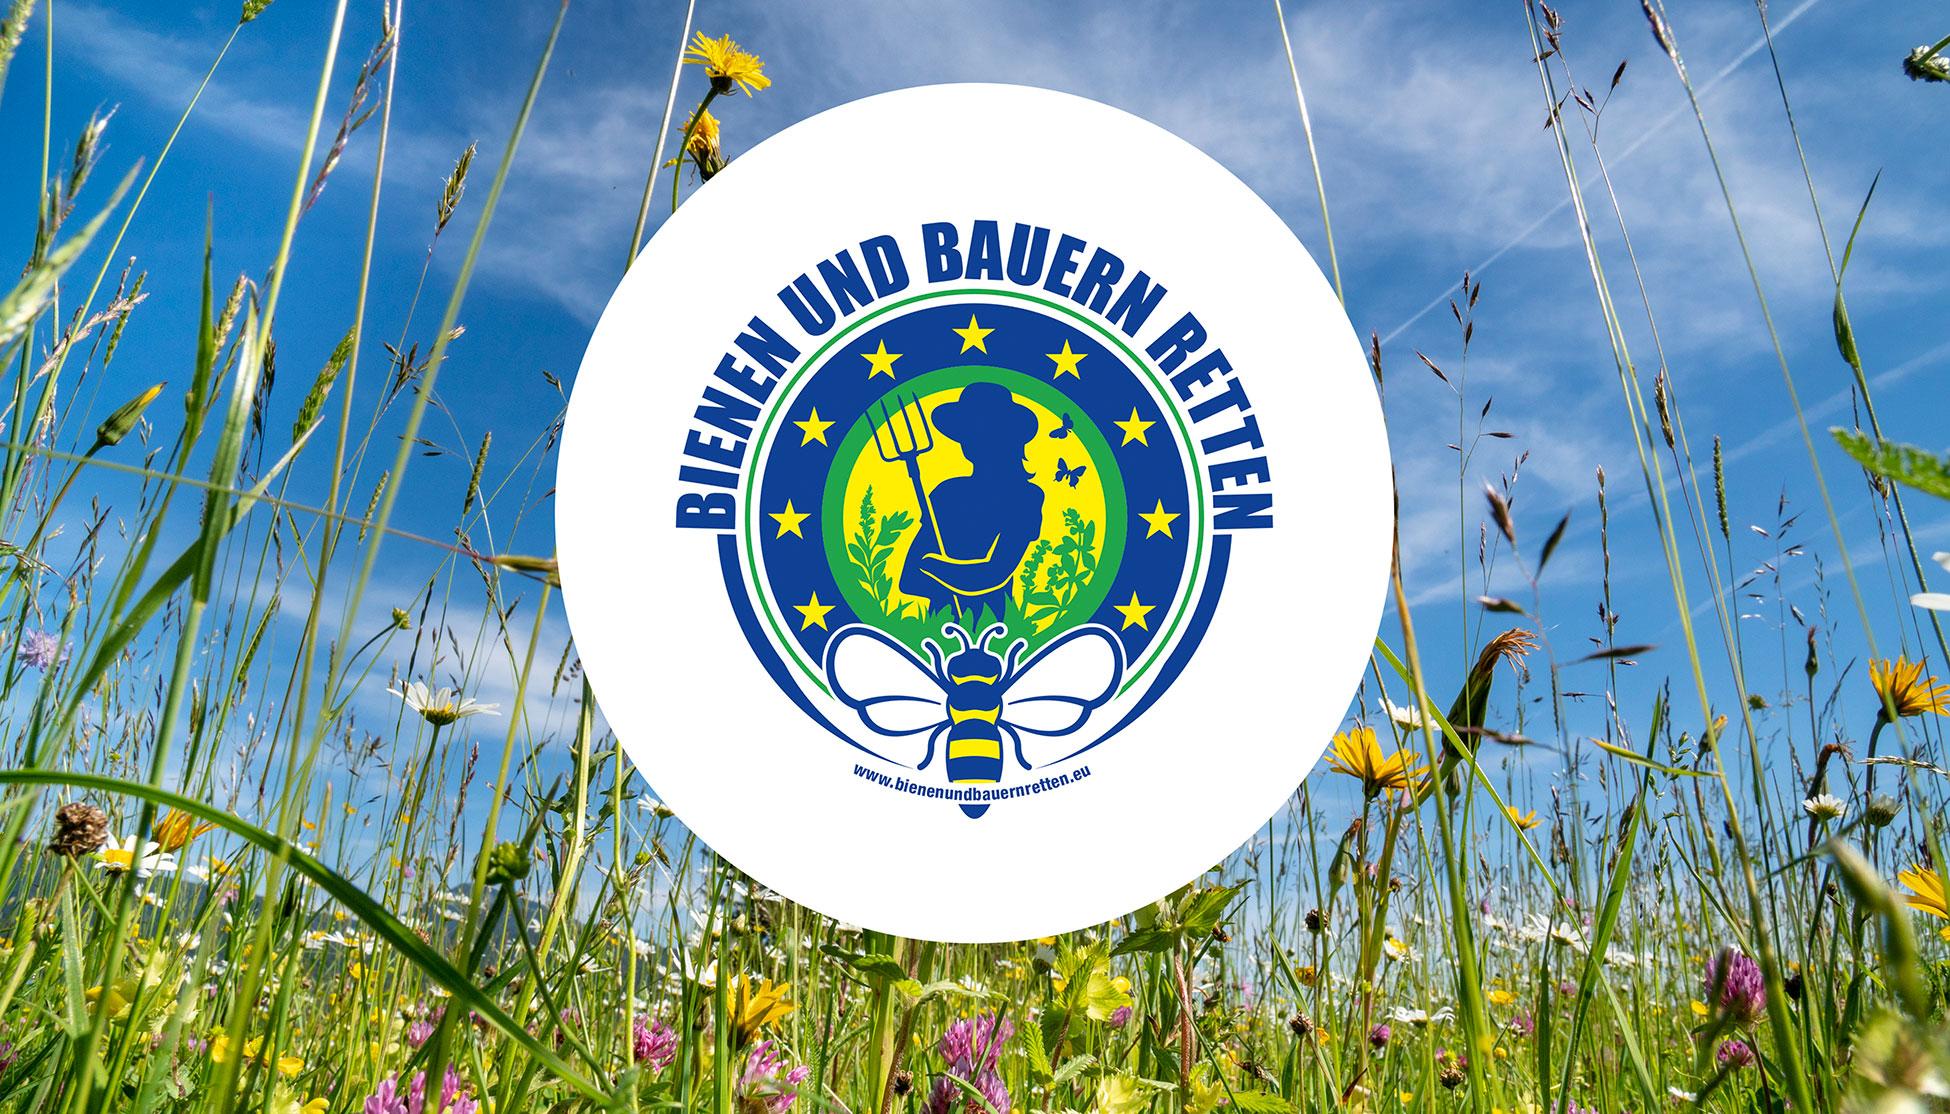 Europäische Bürgerinitiative: Bienen und Bauern retten!